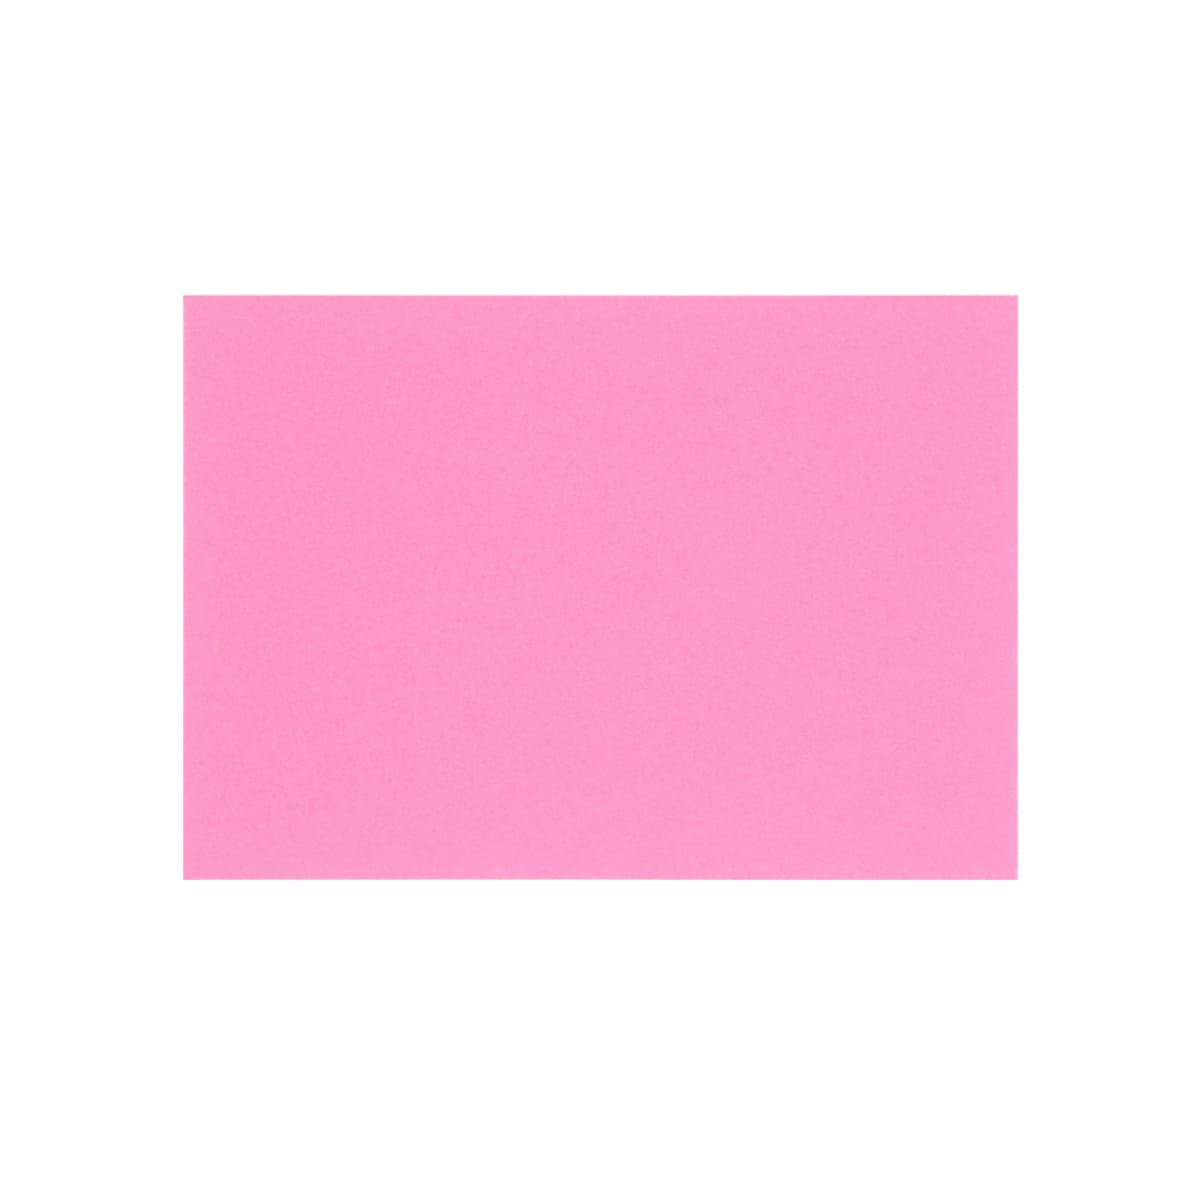 C6 BULLFINCH PINK ENVELOPES 120GSM